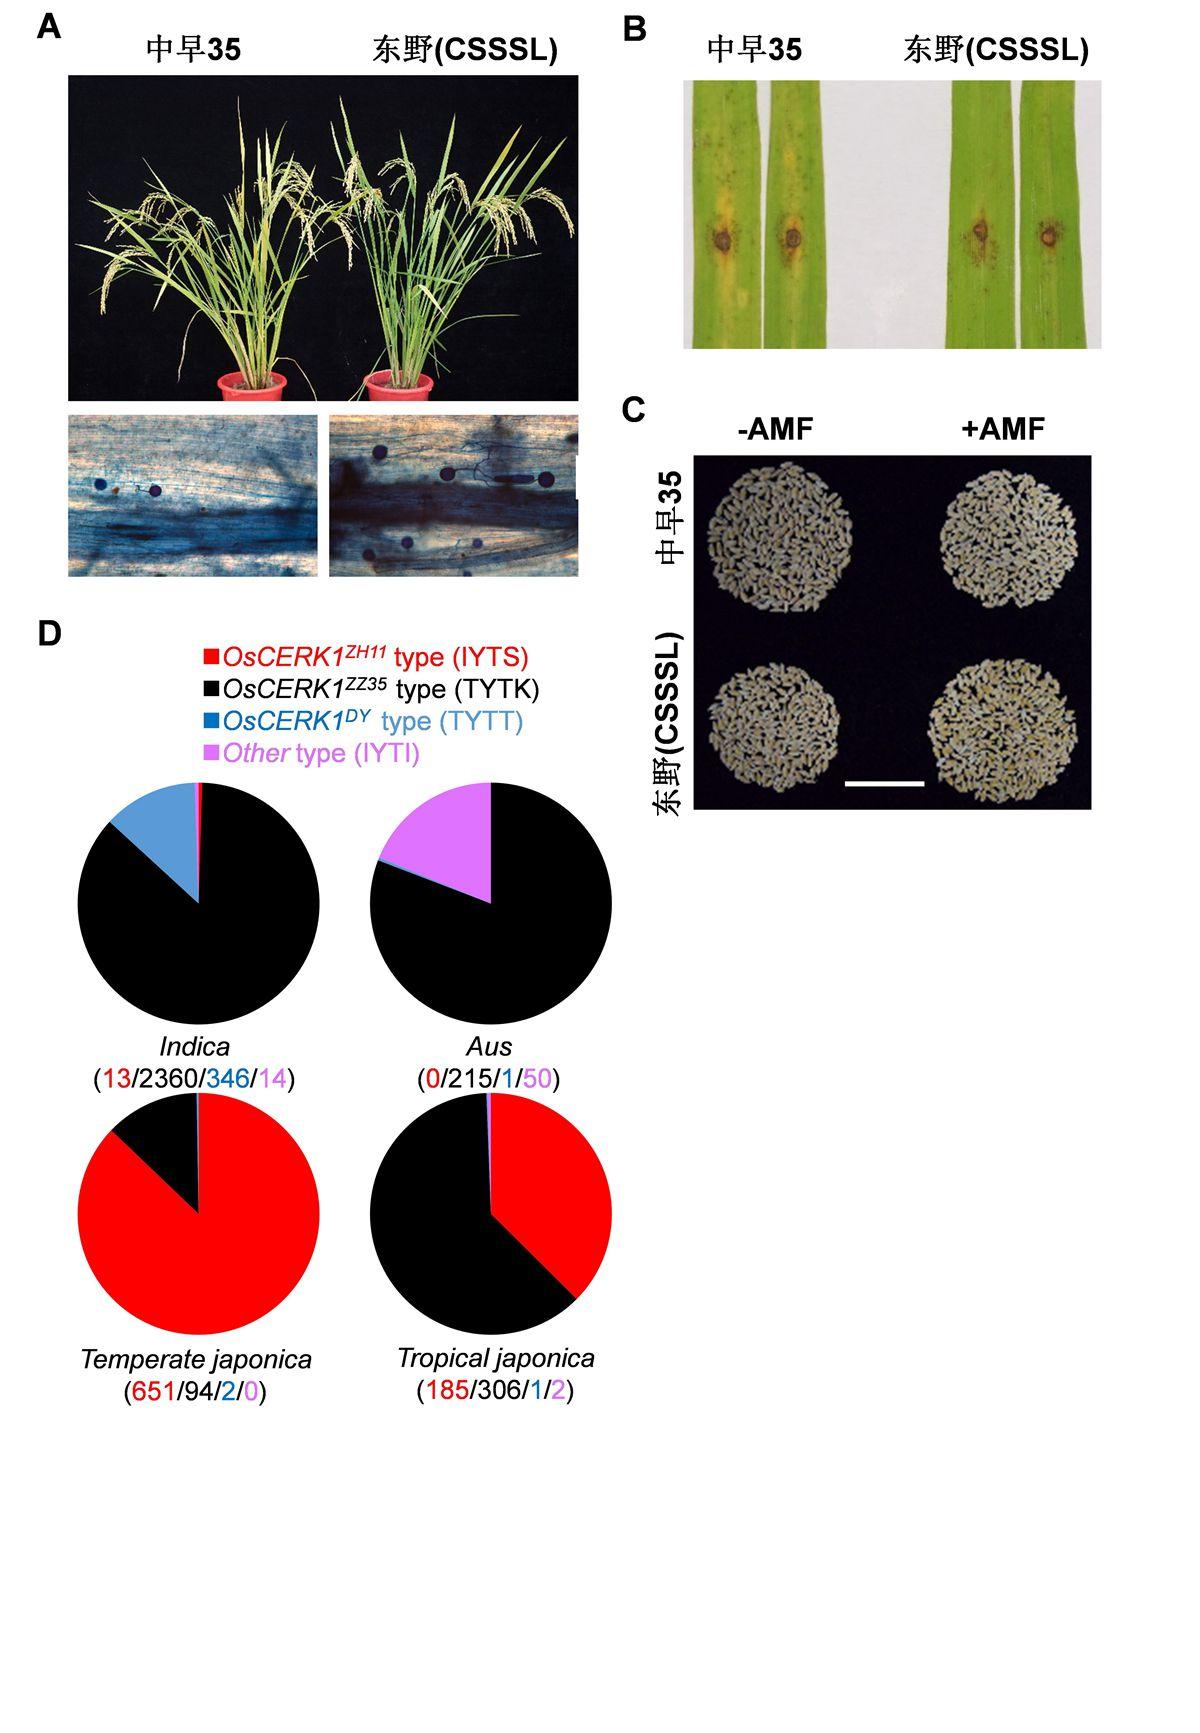 华中农大发现自然变异调控水稻与菌根真菌互作